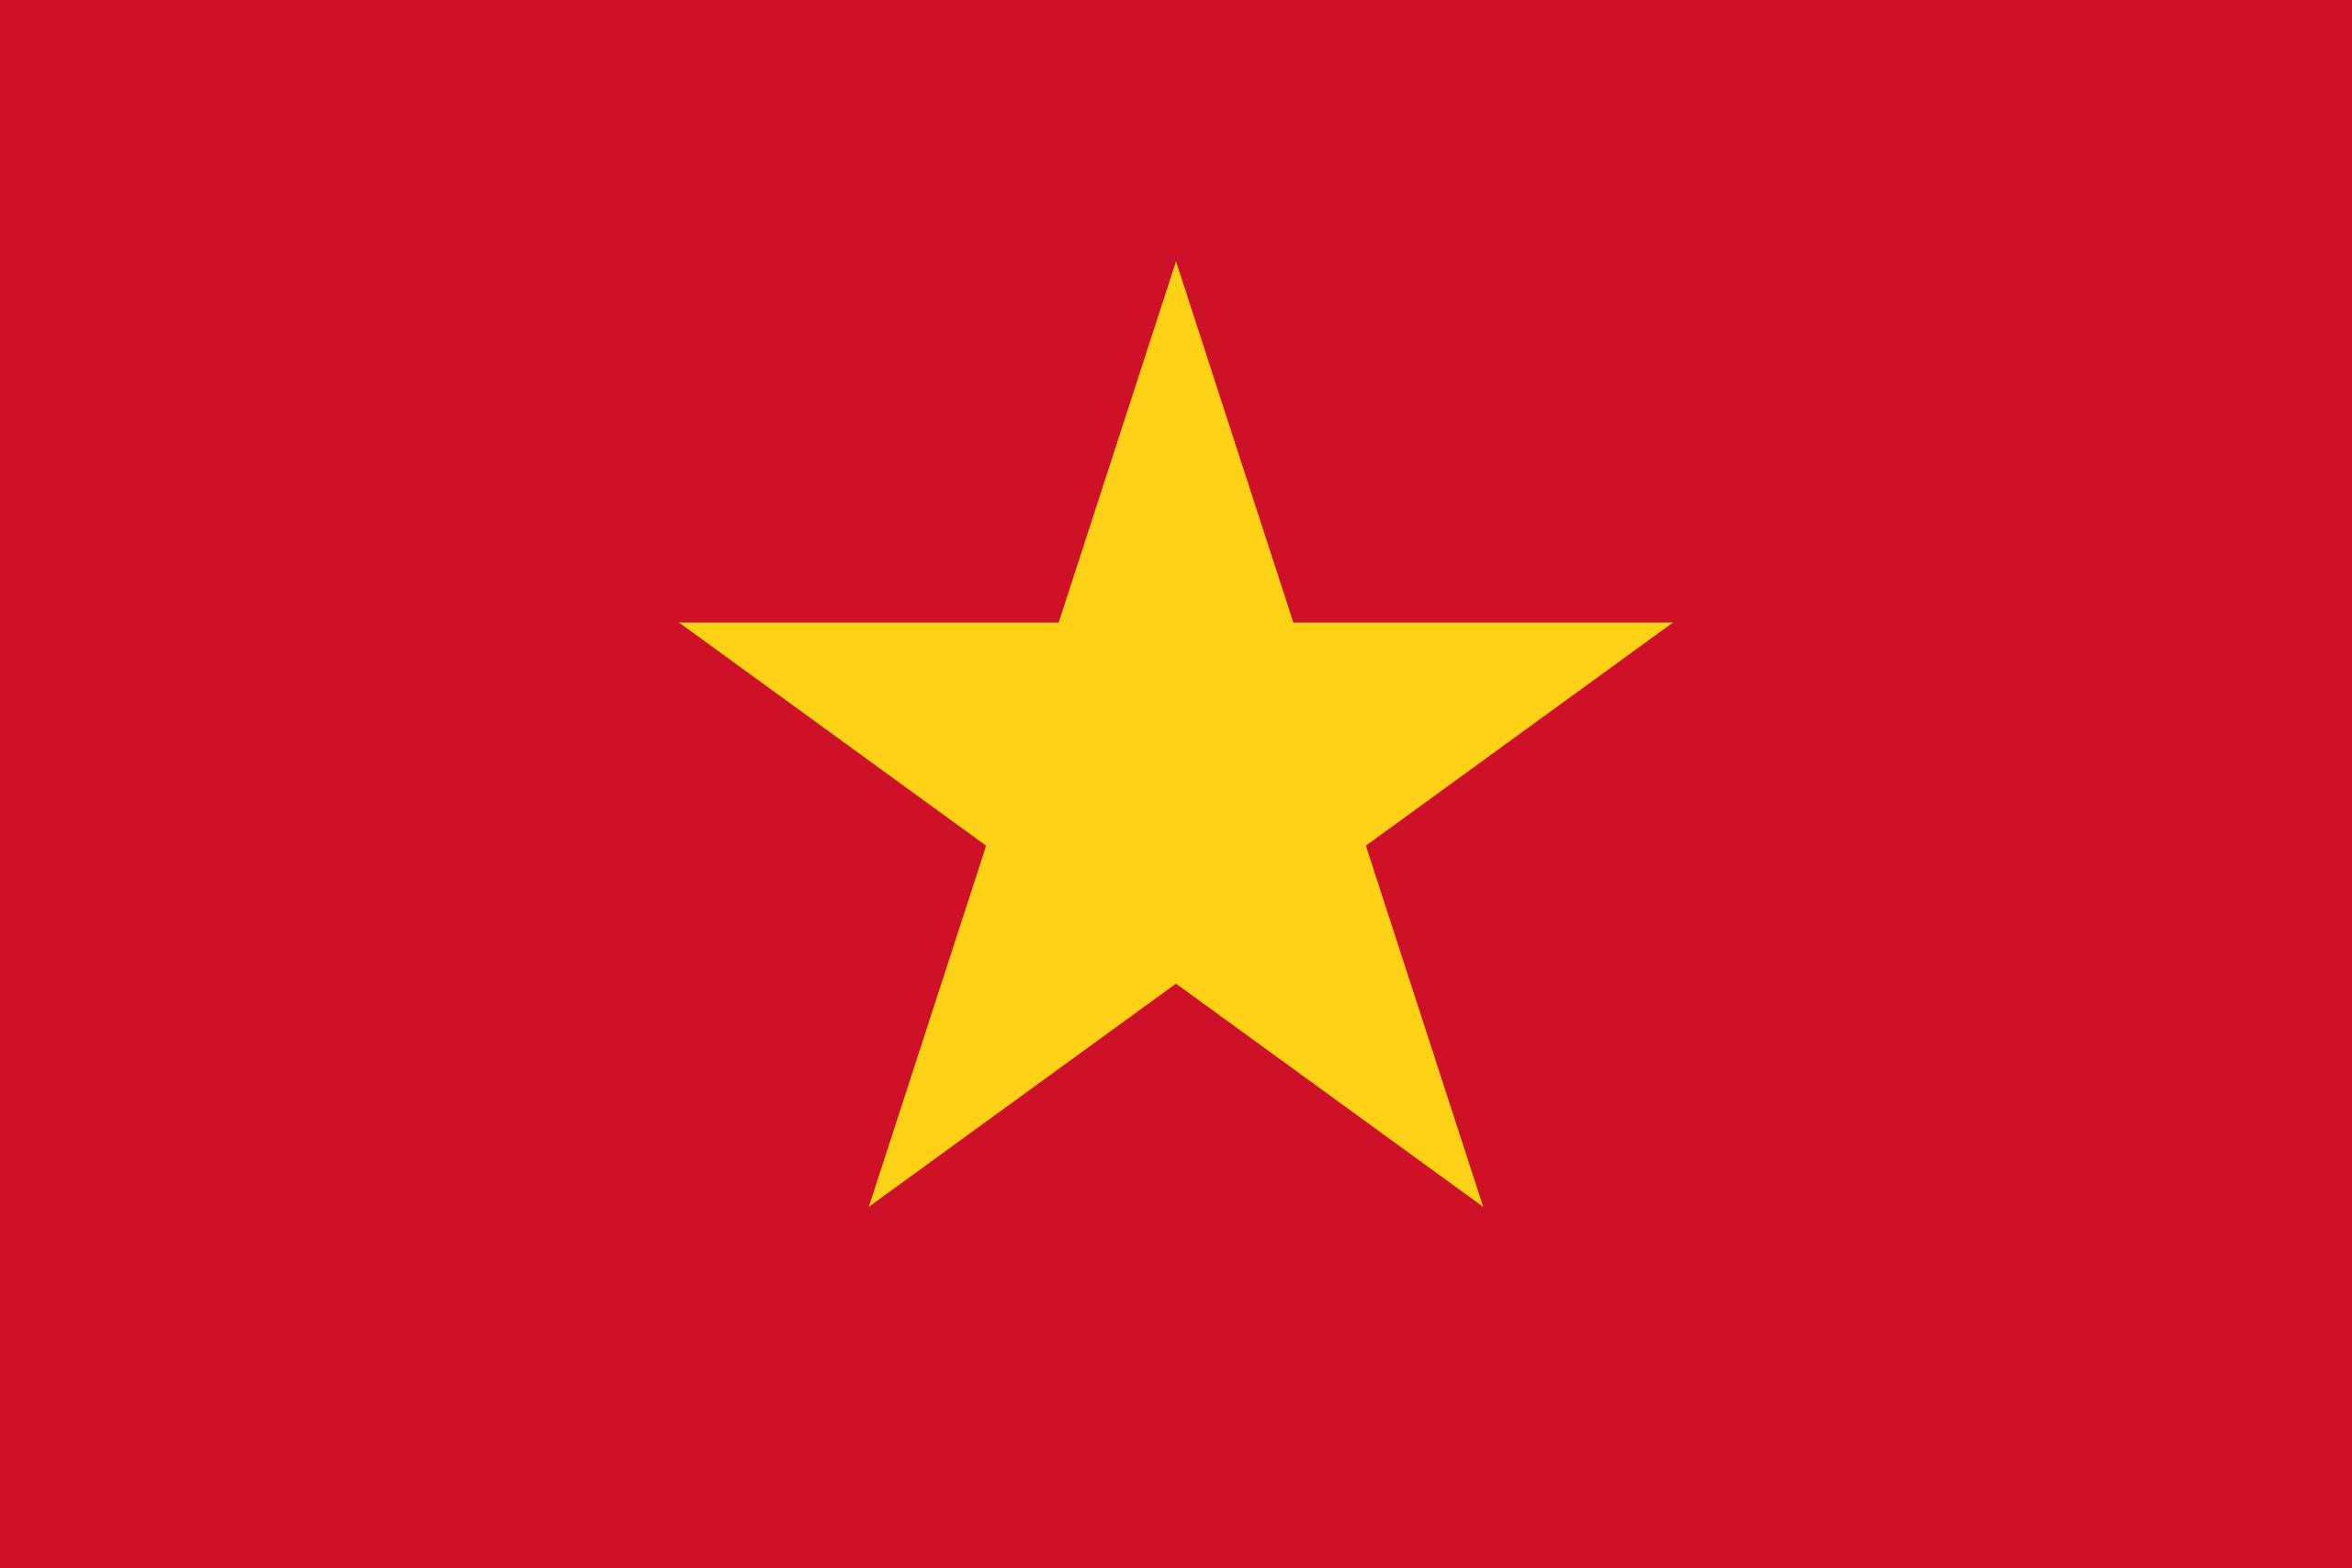 vietnam, país, emblema, insignia, シンボル - HD の壁紙 - 教授-falken.com